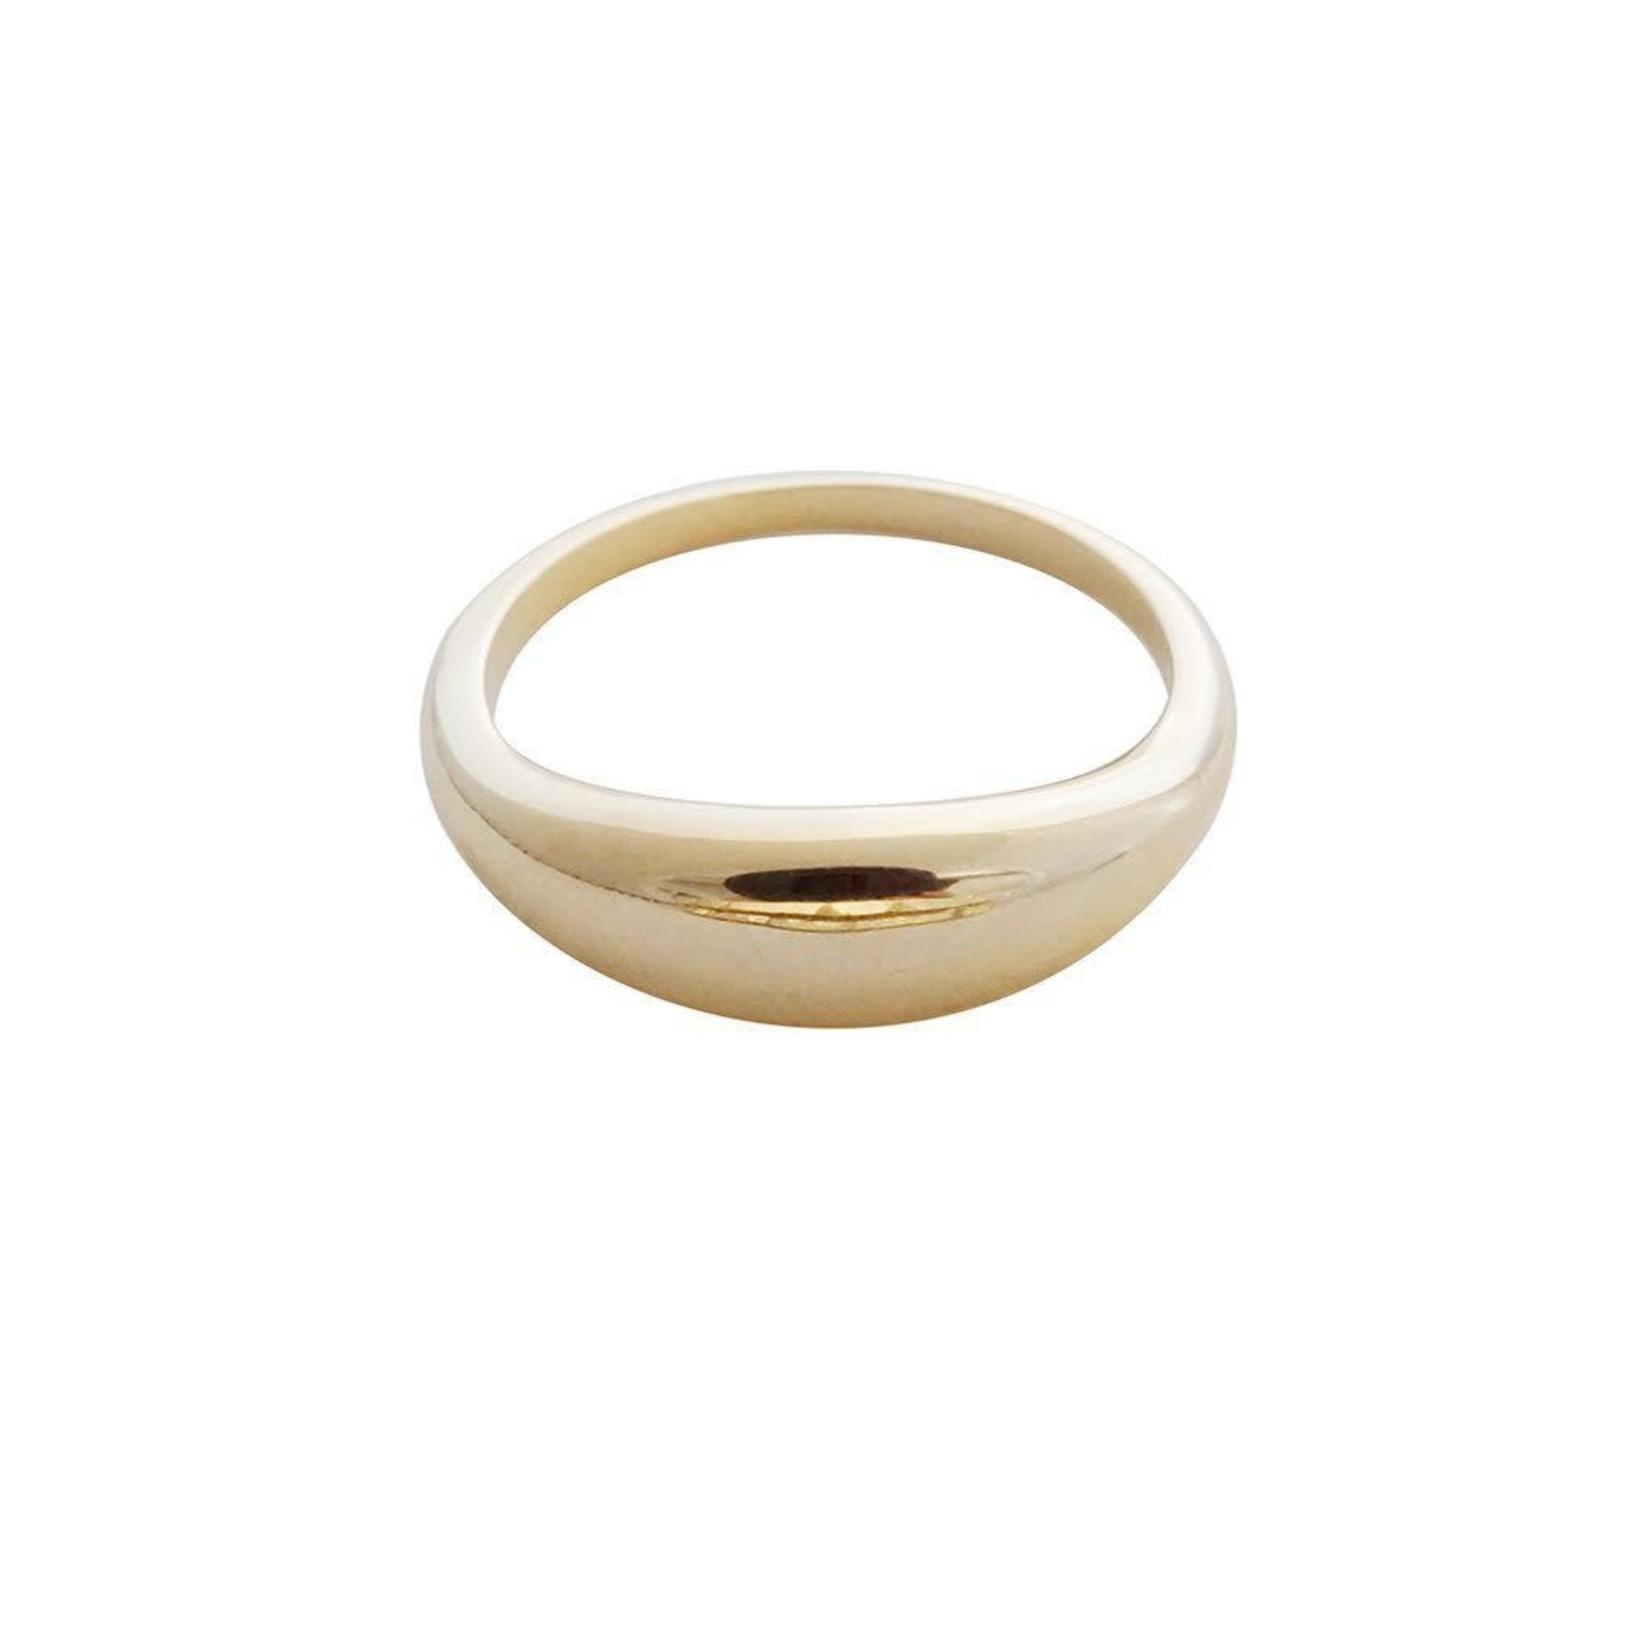 Honeycat Jewelry Honeycat Dome Ring